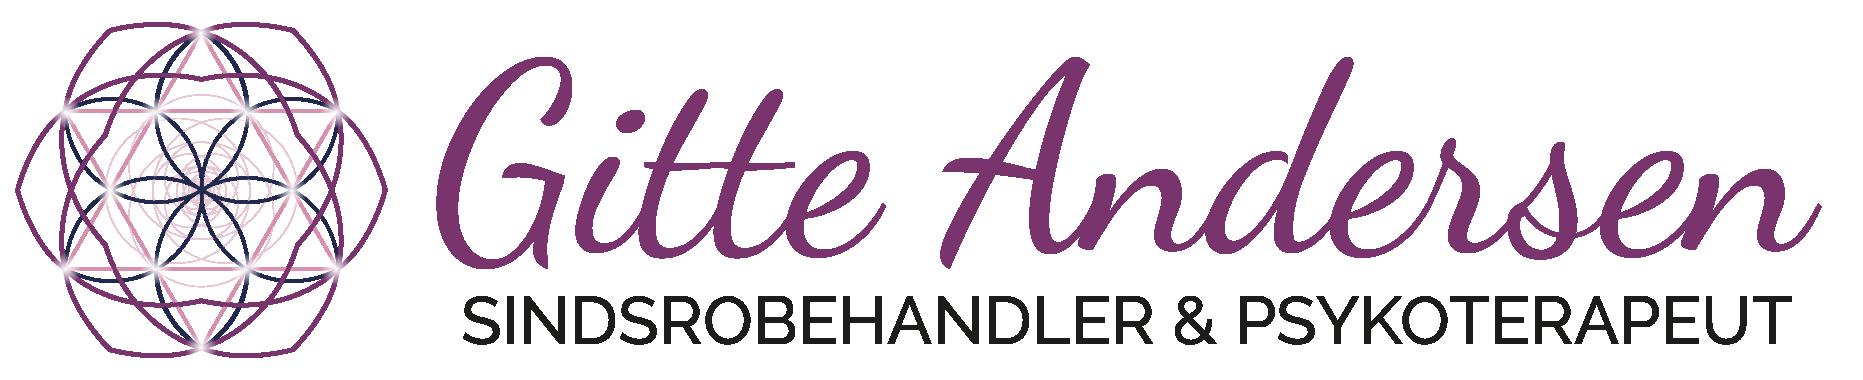 Gitte Andersen